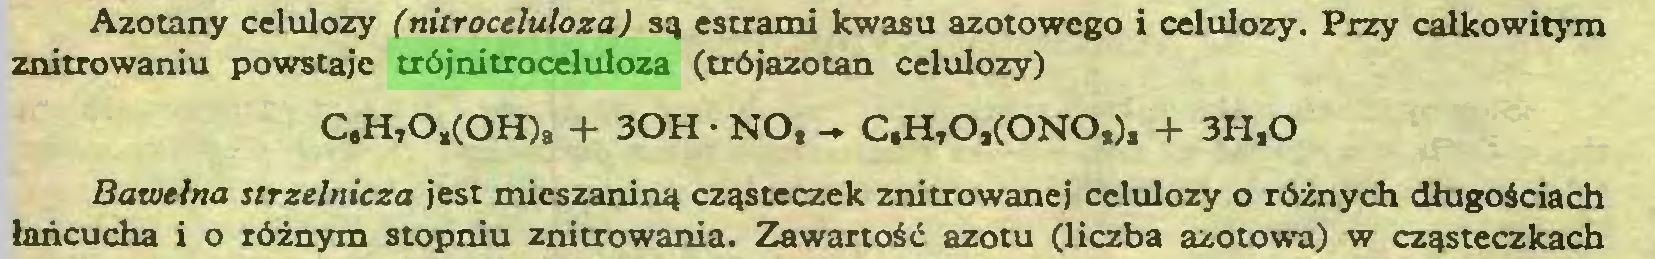 (...) Azotany celulozy (nitroceluloza) są estrami kwasu azotowego i celulozy. Przy całkowitym znitrowaniu powstaje trójnitroceluloza (trójazotan celulozy) C,H,0,(0H), + 30H • NO, - C,HtO,(ONO,), + 3H.O Bawełna strzelnicza jest mieszaniną cząsteczek znitrowanej celulozy o różnych długościach łańcucha i o różnym stopniu z nitro wania. Zawartość azotu (liczba azotowa) w cząsteczkach...